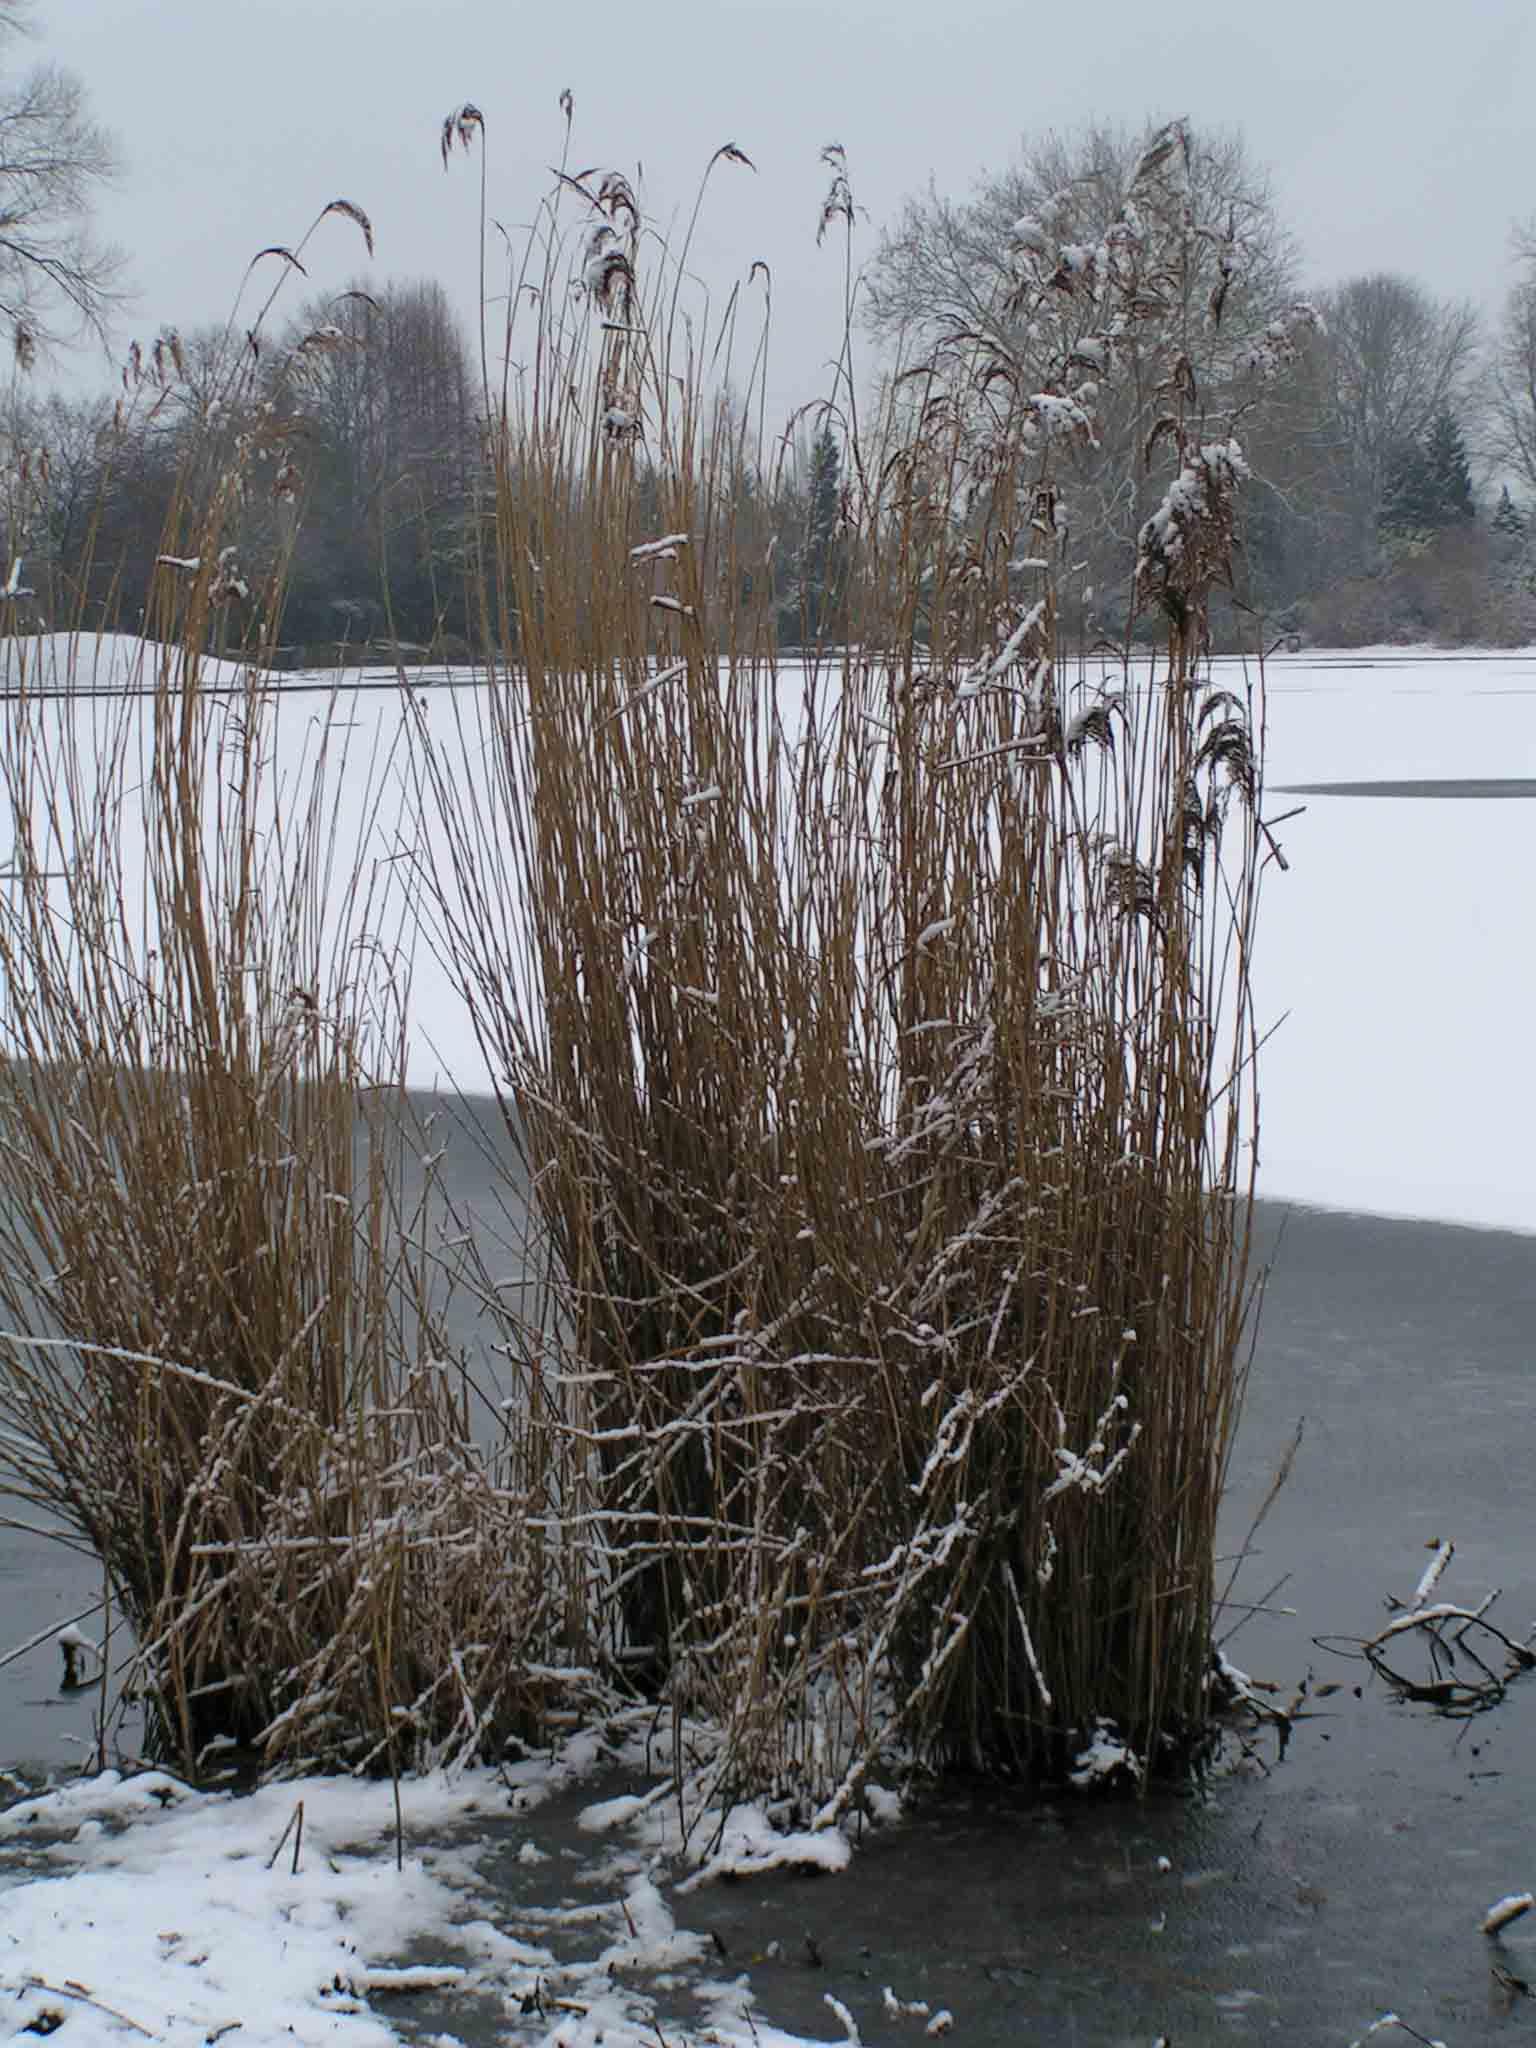 Snow Scenes in Alvaston Park